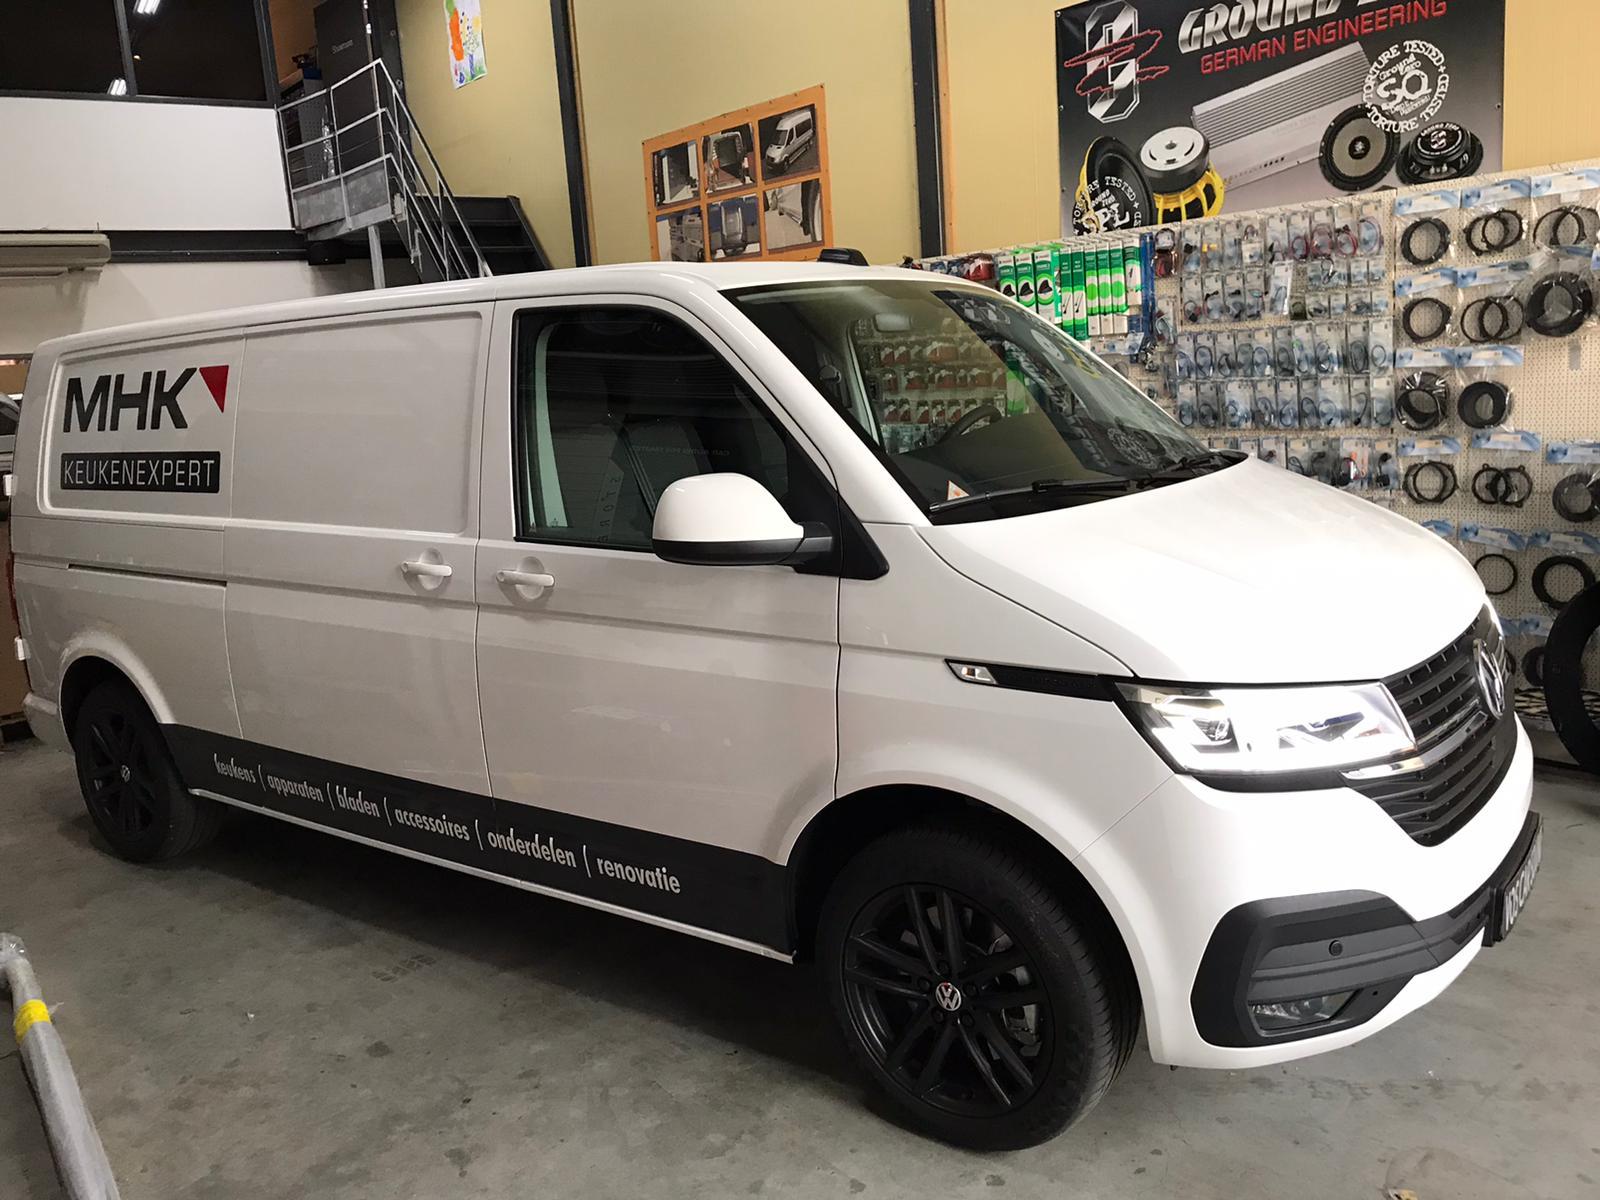 Volkswagen Transporter | Ritten registratie met belastingkeurmerk